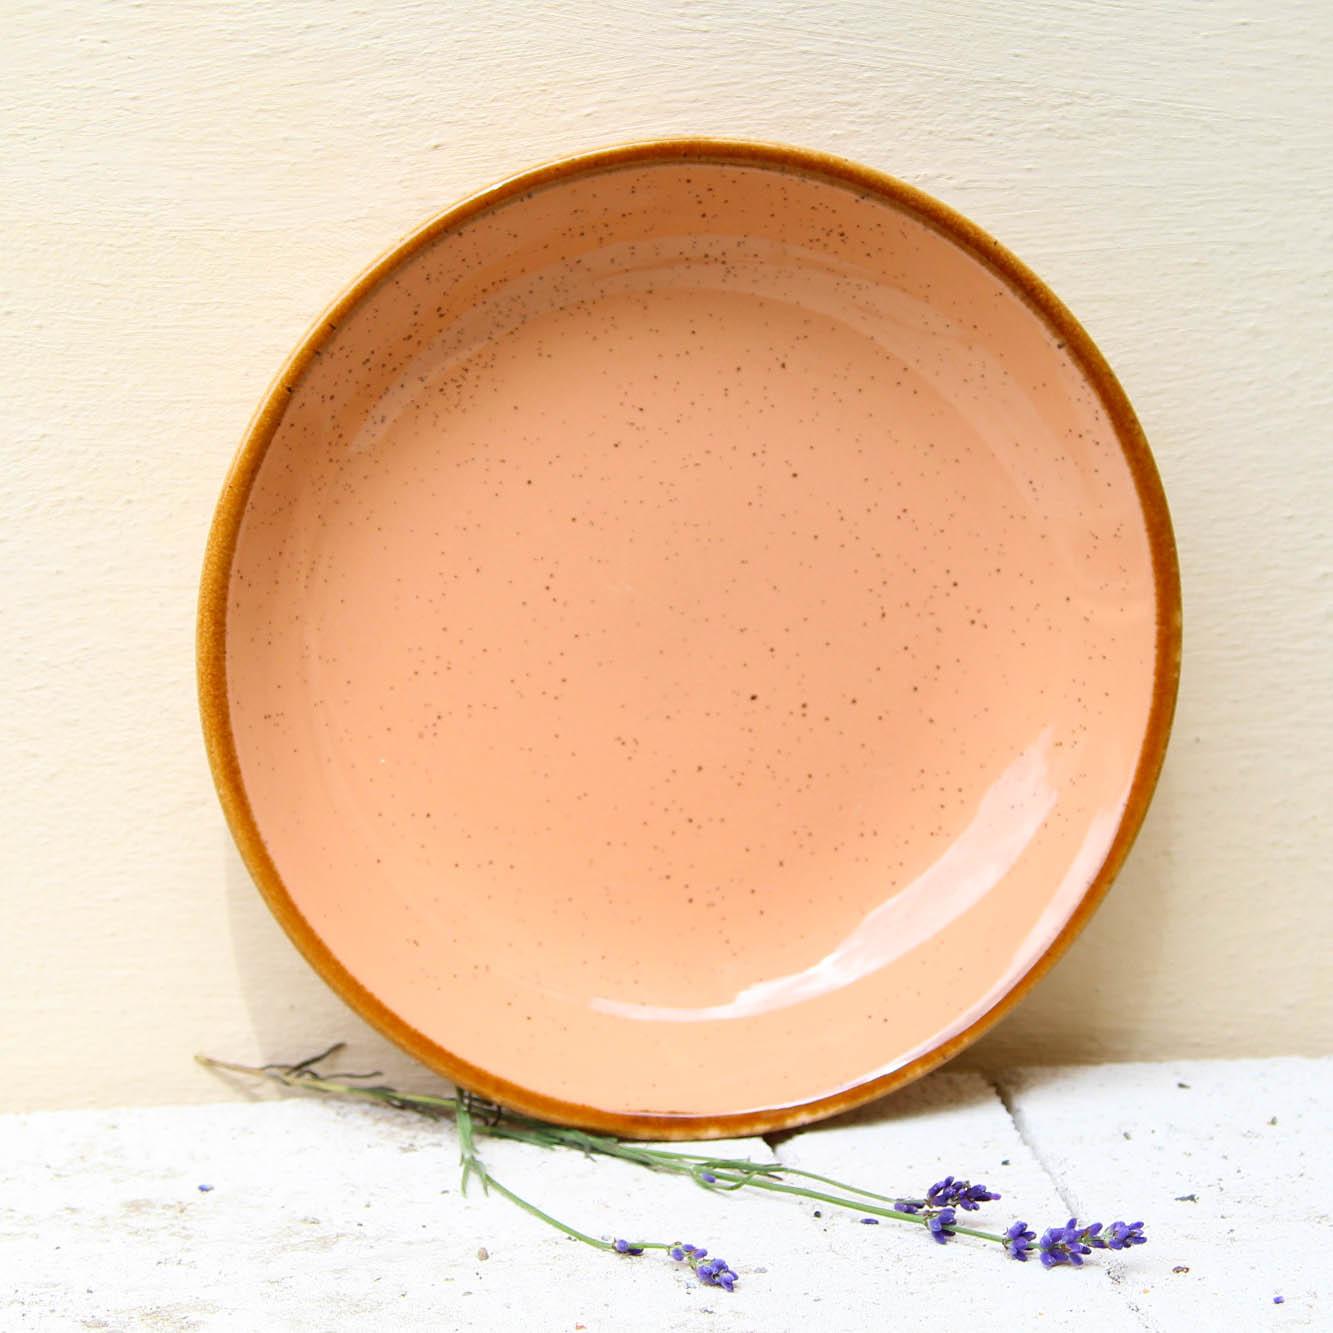 Farfurie adanca Gardena din ceramica corai 23 cm chicville 2021